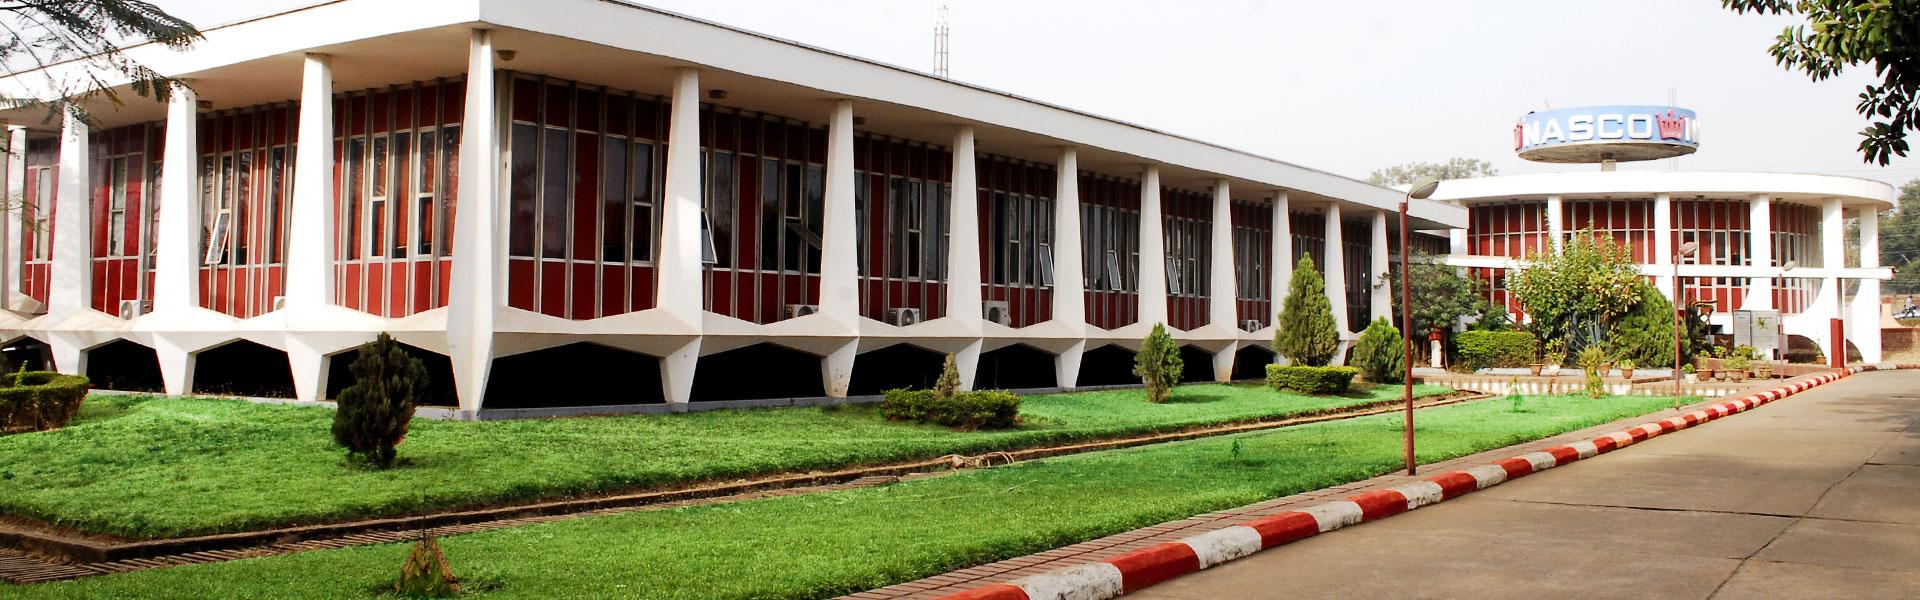 NASCO HQ, Jos, Nigeria